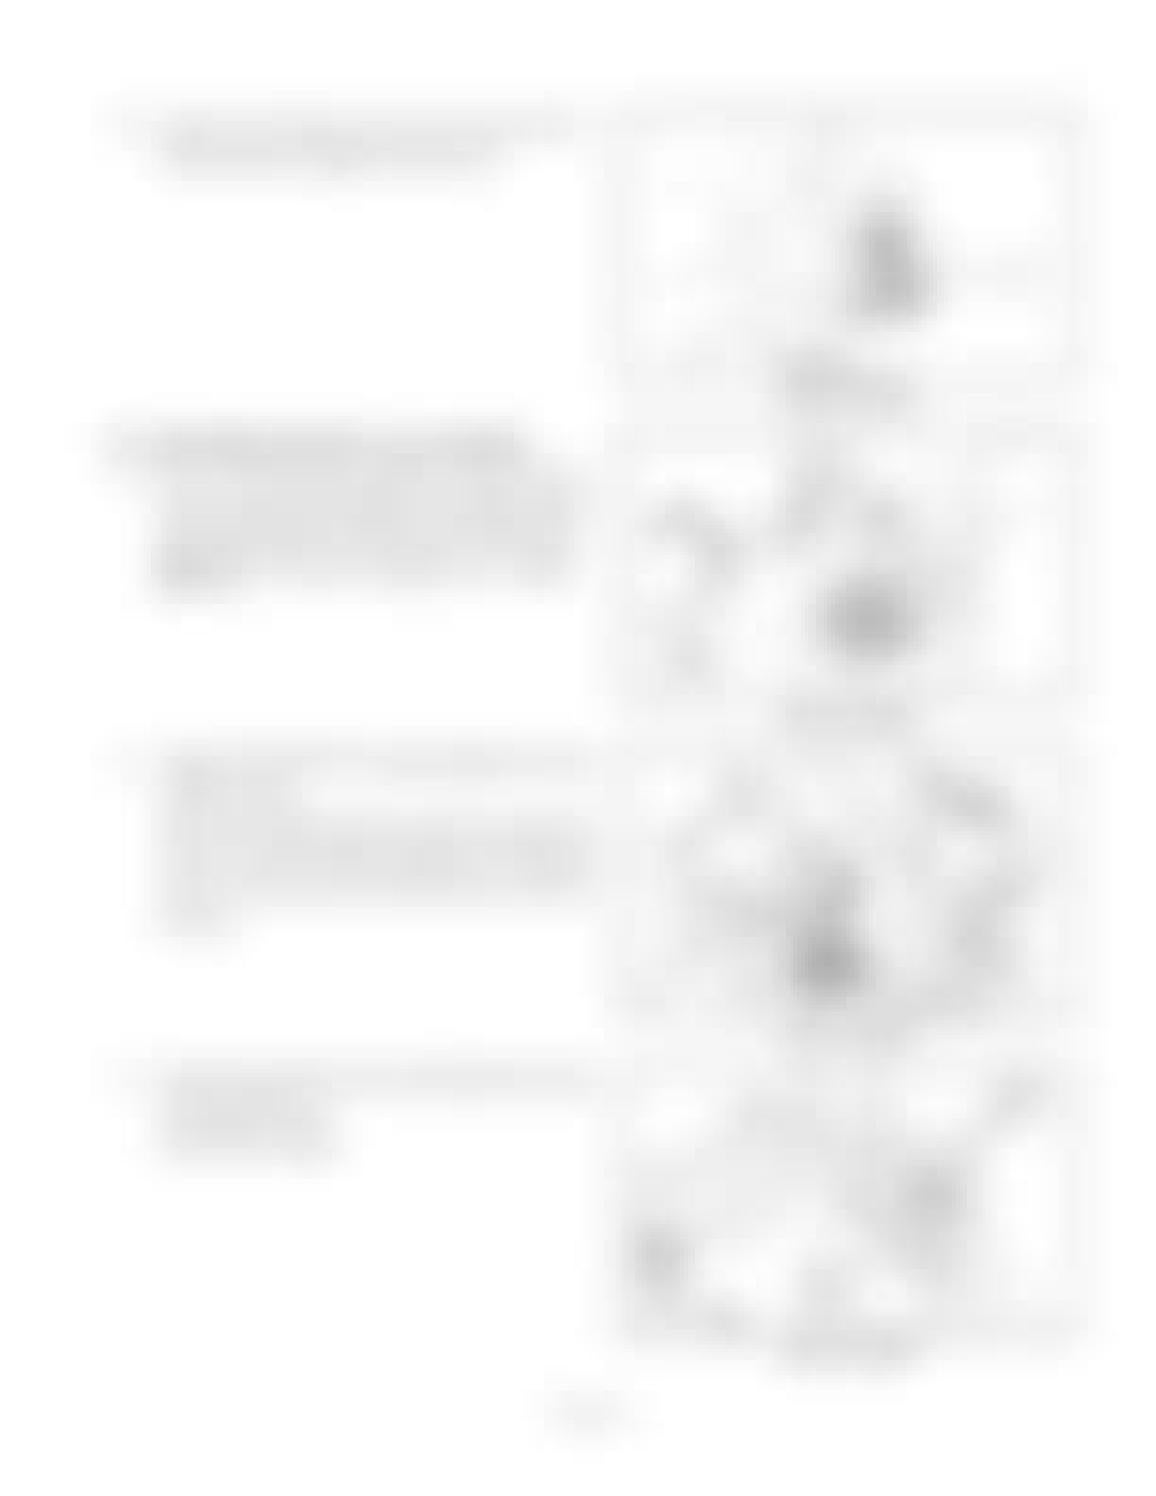 Hitachi LX110-7 LX130-7 LX160-7 LX190-7 LX230-7 Wheel Loader Workshop Manual - PDF DOWNLOAD page 79